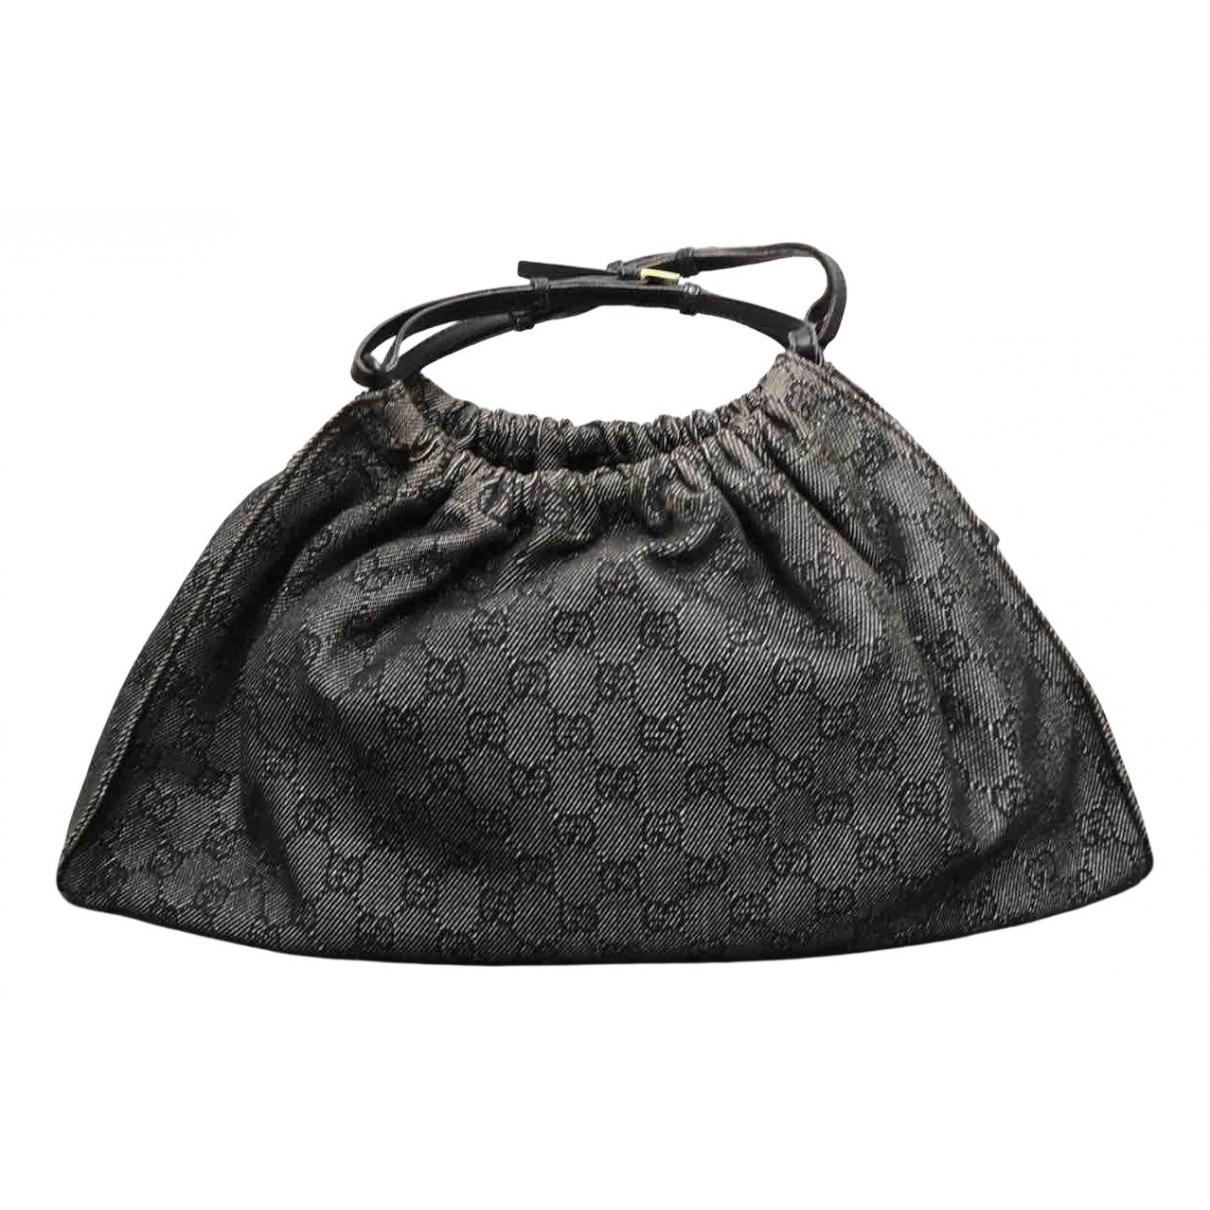 Bandolera de Lona Gucci